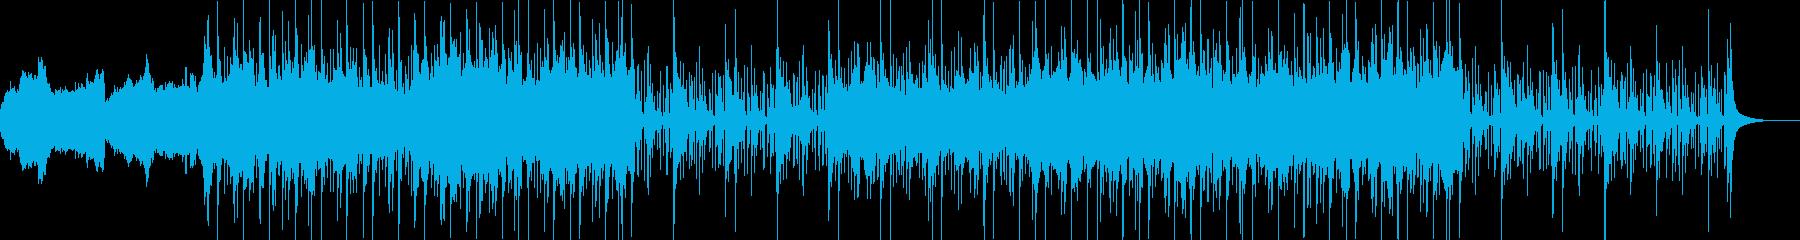 フュージョン センチメンタル サス...の再生済みの波形